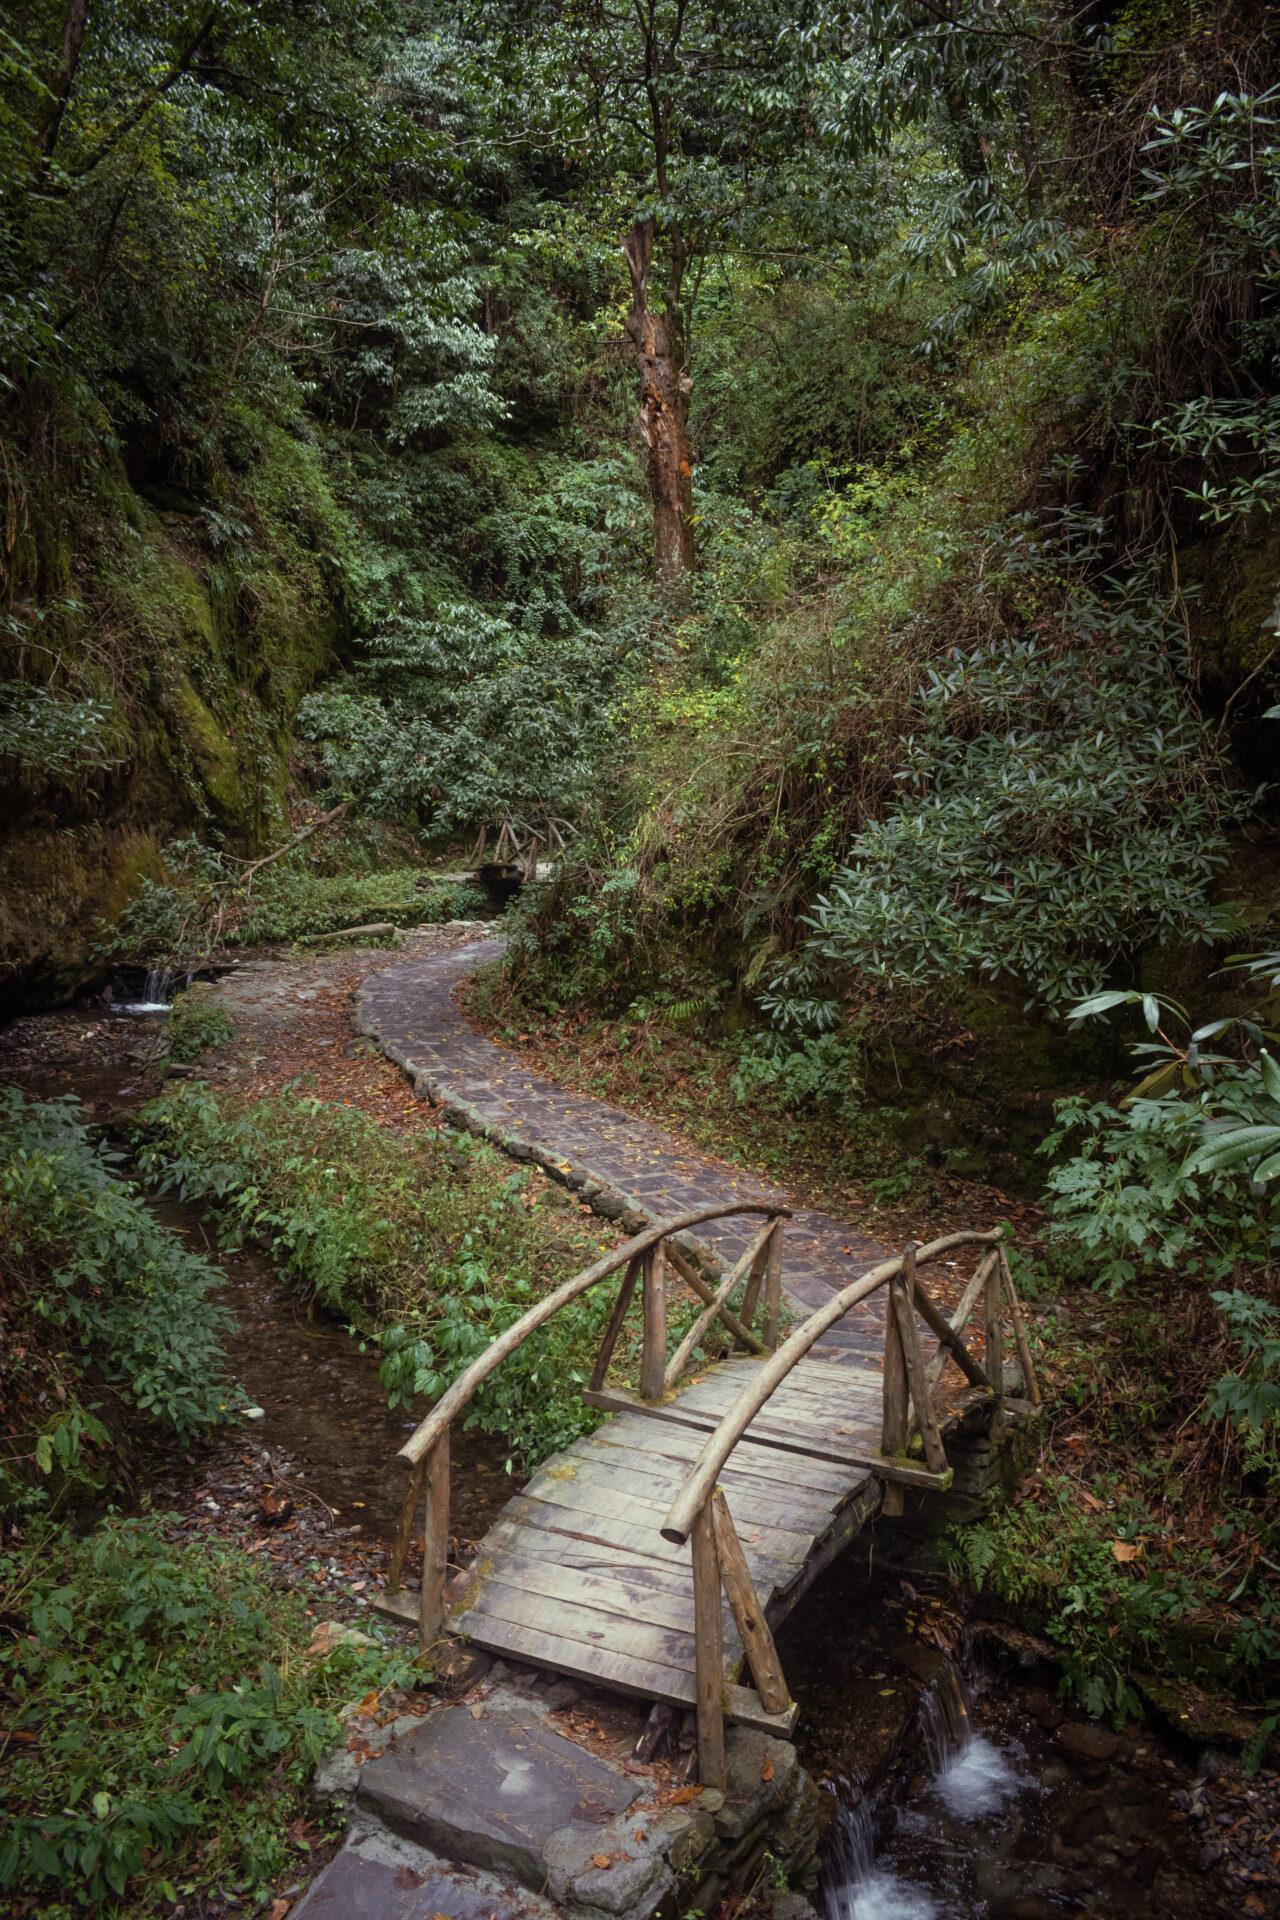 Wooden Bridges in the dense